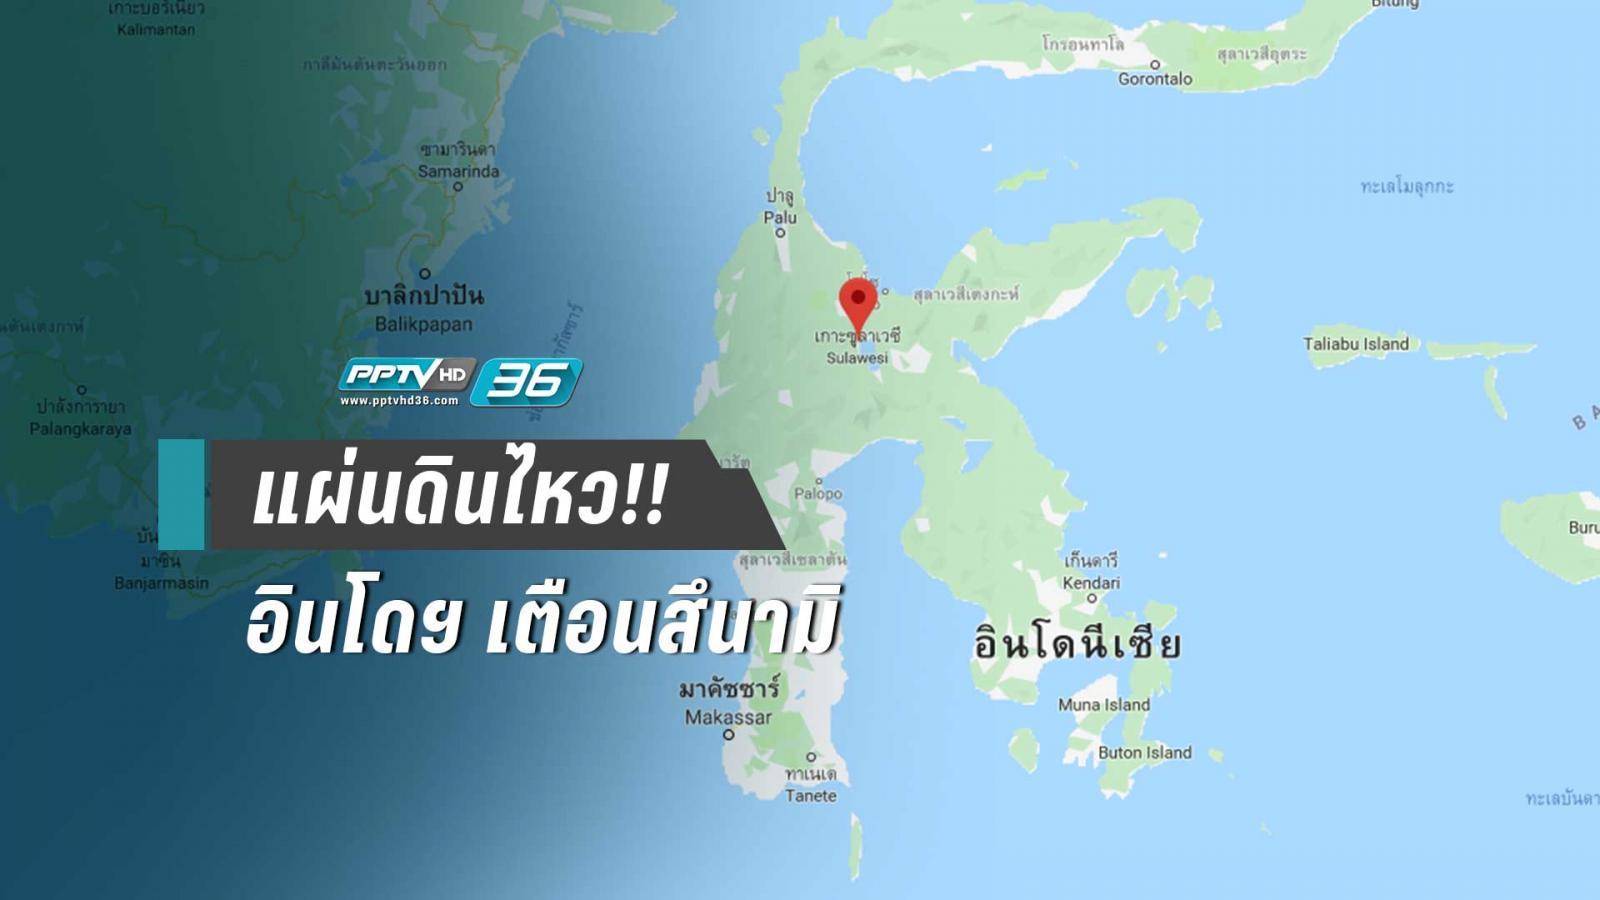 อินโดฯ เตือน สึนามิ หลังแผ่นดินไหว 6.8  แม็กนิจูด